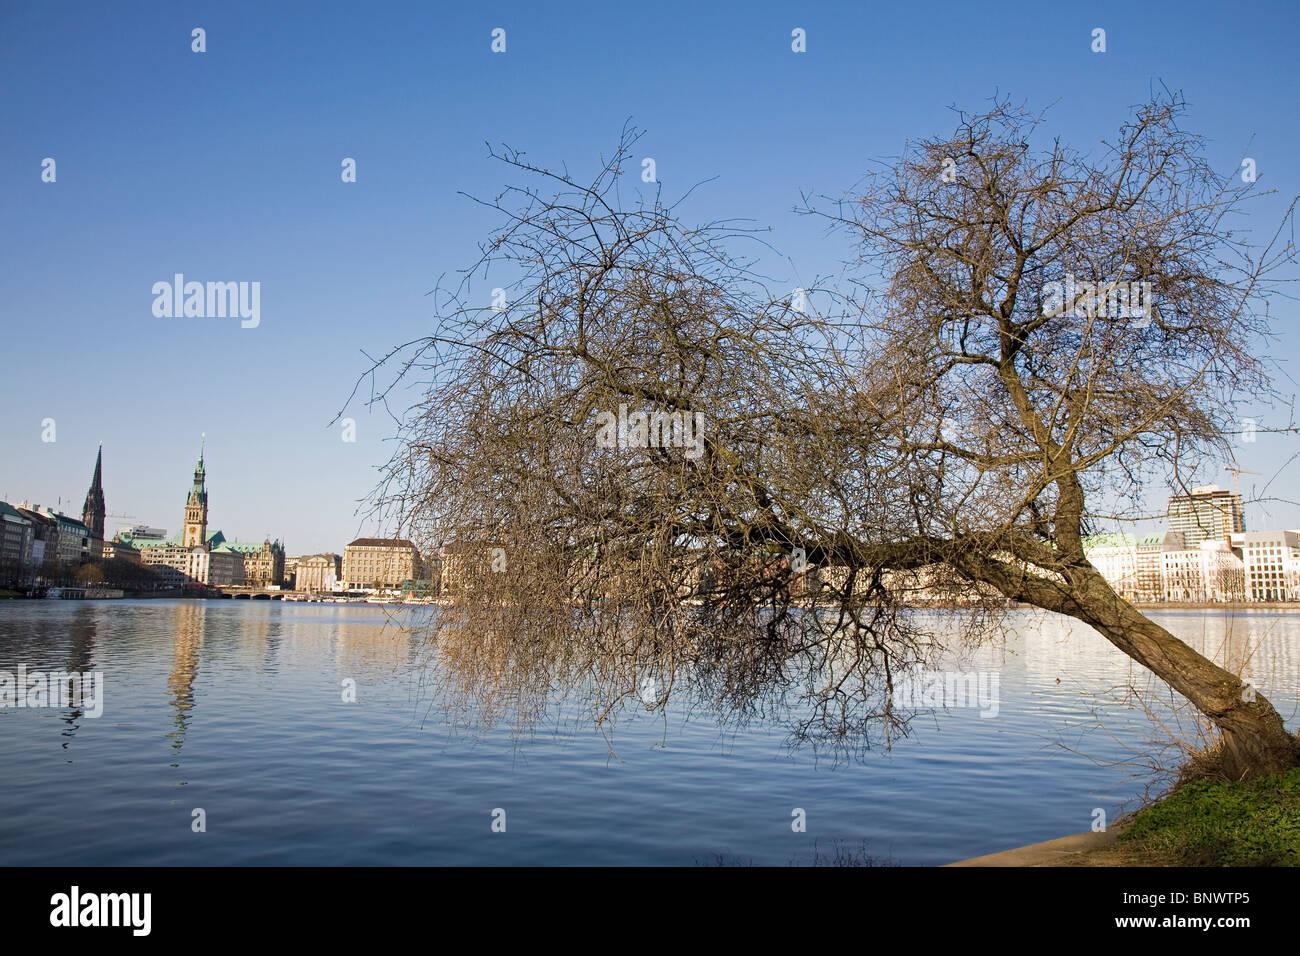 Ein Weidenbaum beugt sich der Innen-Alster (Binnenalster) in der Neustadt Bezirk Hamburg, Deutschland. Stockbild